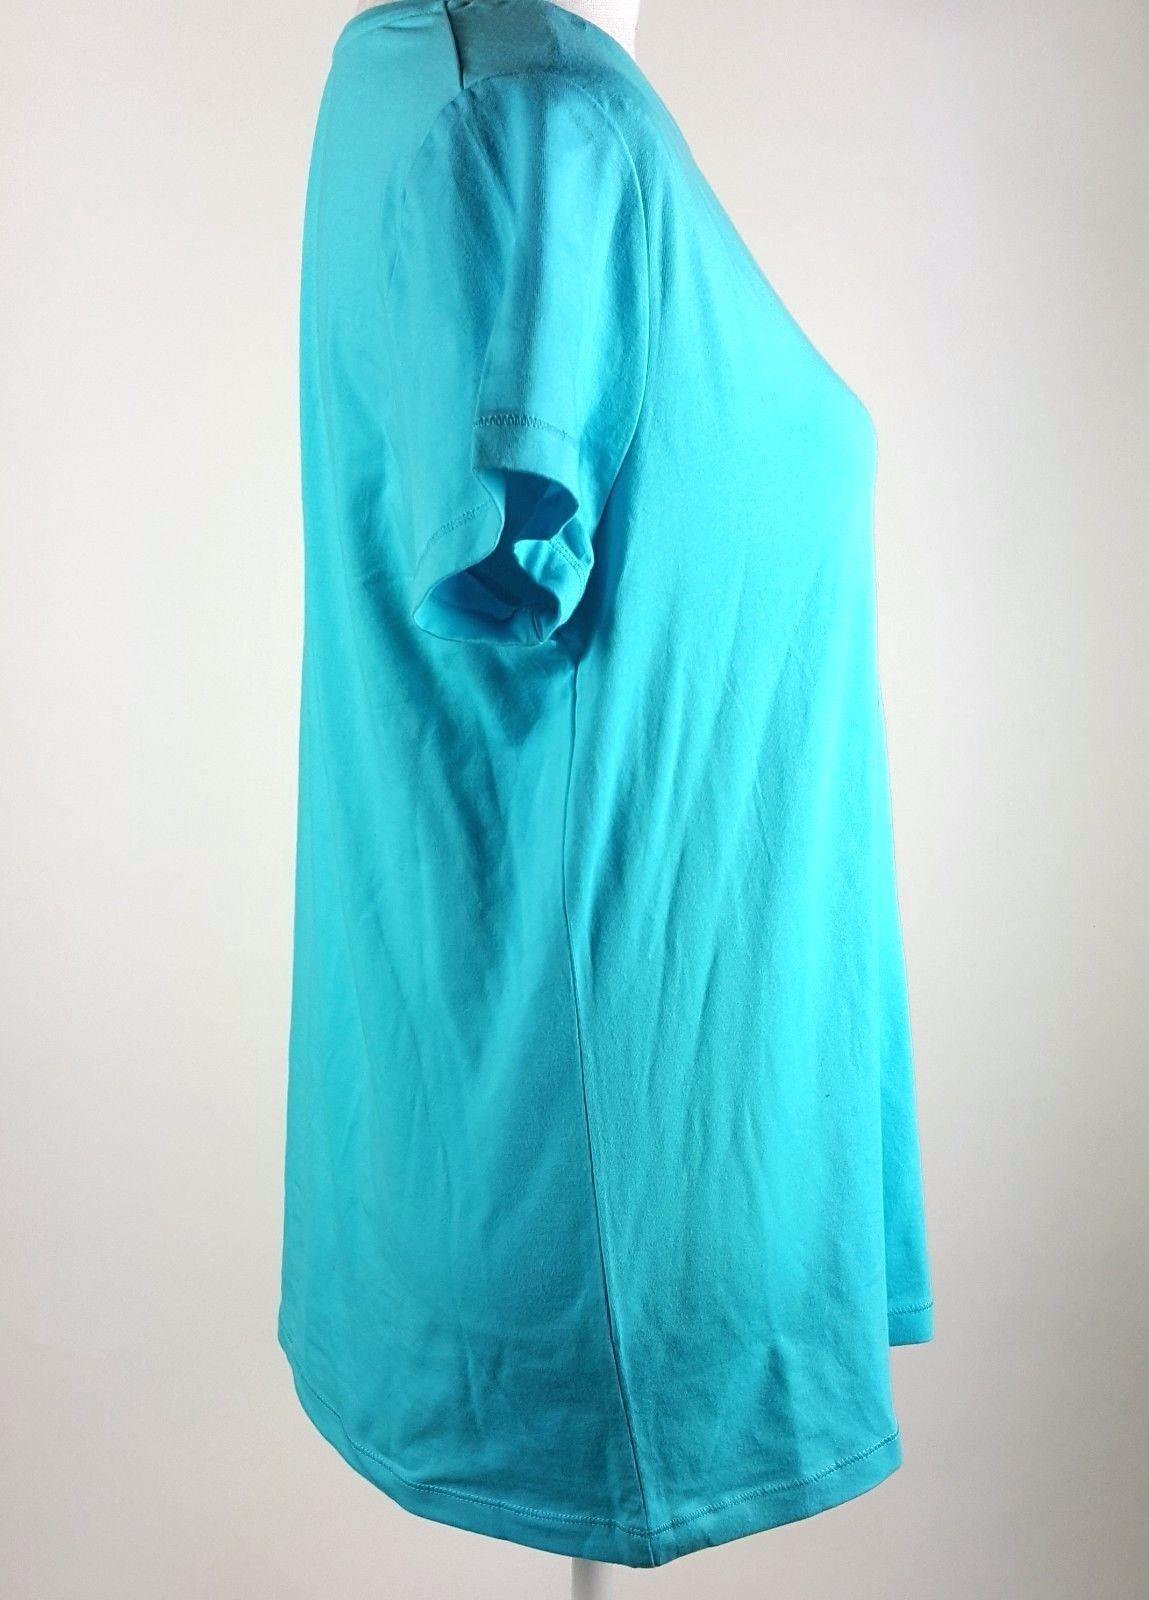 Sonoma Life + Style Everyday Tee Womens Size Large Blue Short Sleeve Shirt NWT